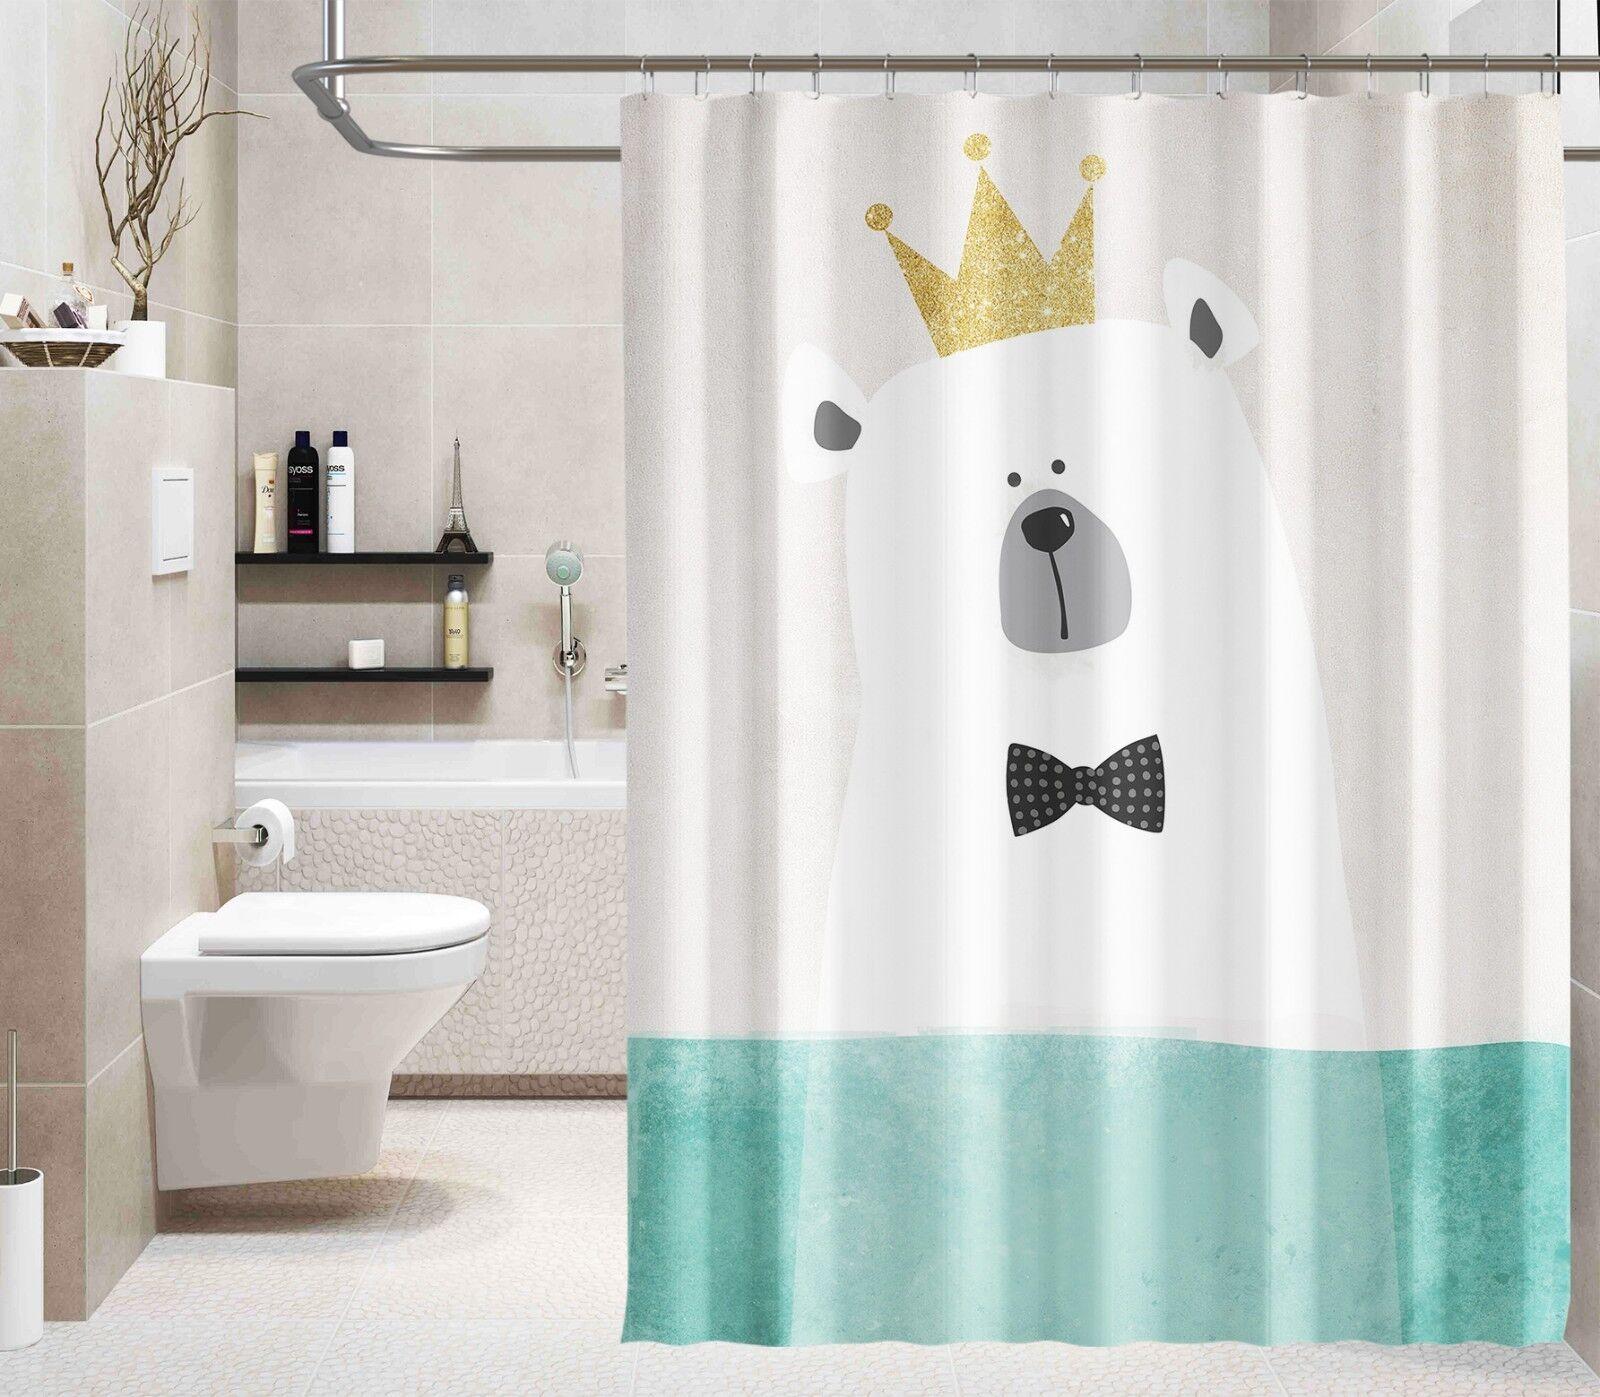 3D Karikatur Bär 0 Duschvorhang Wasserdicht Faser Bad Daheim Windows Toilette DE   Marke